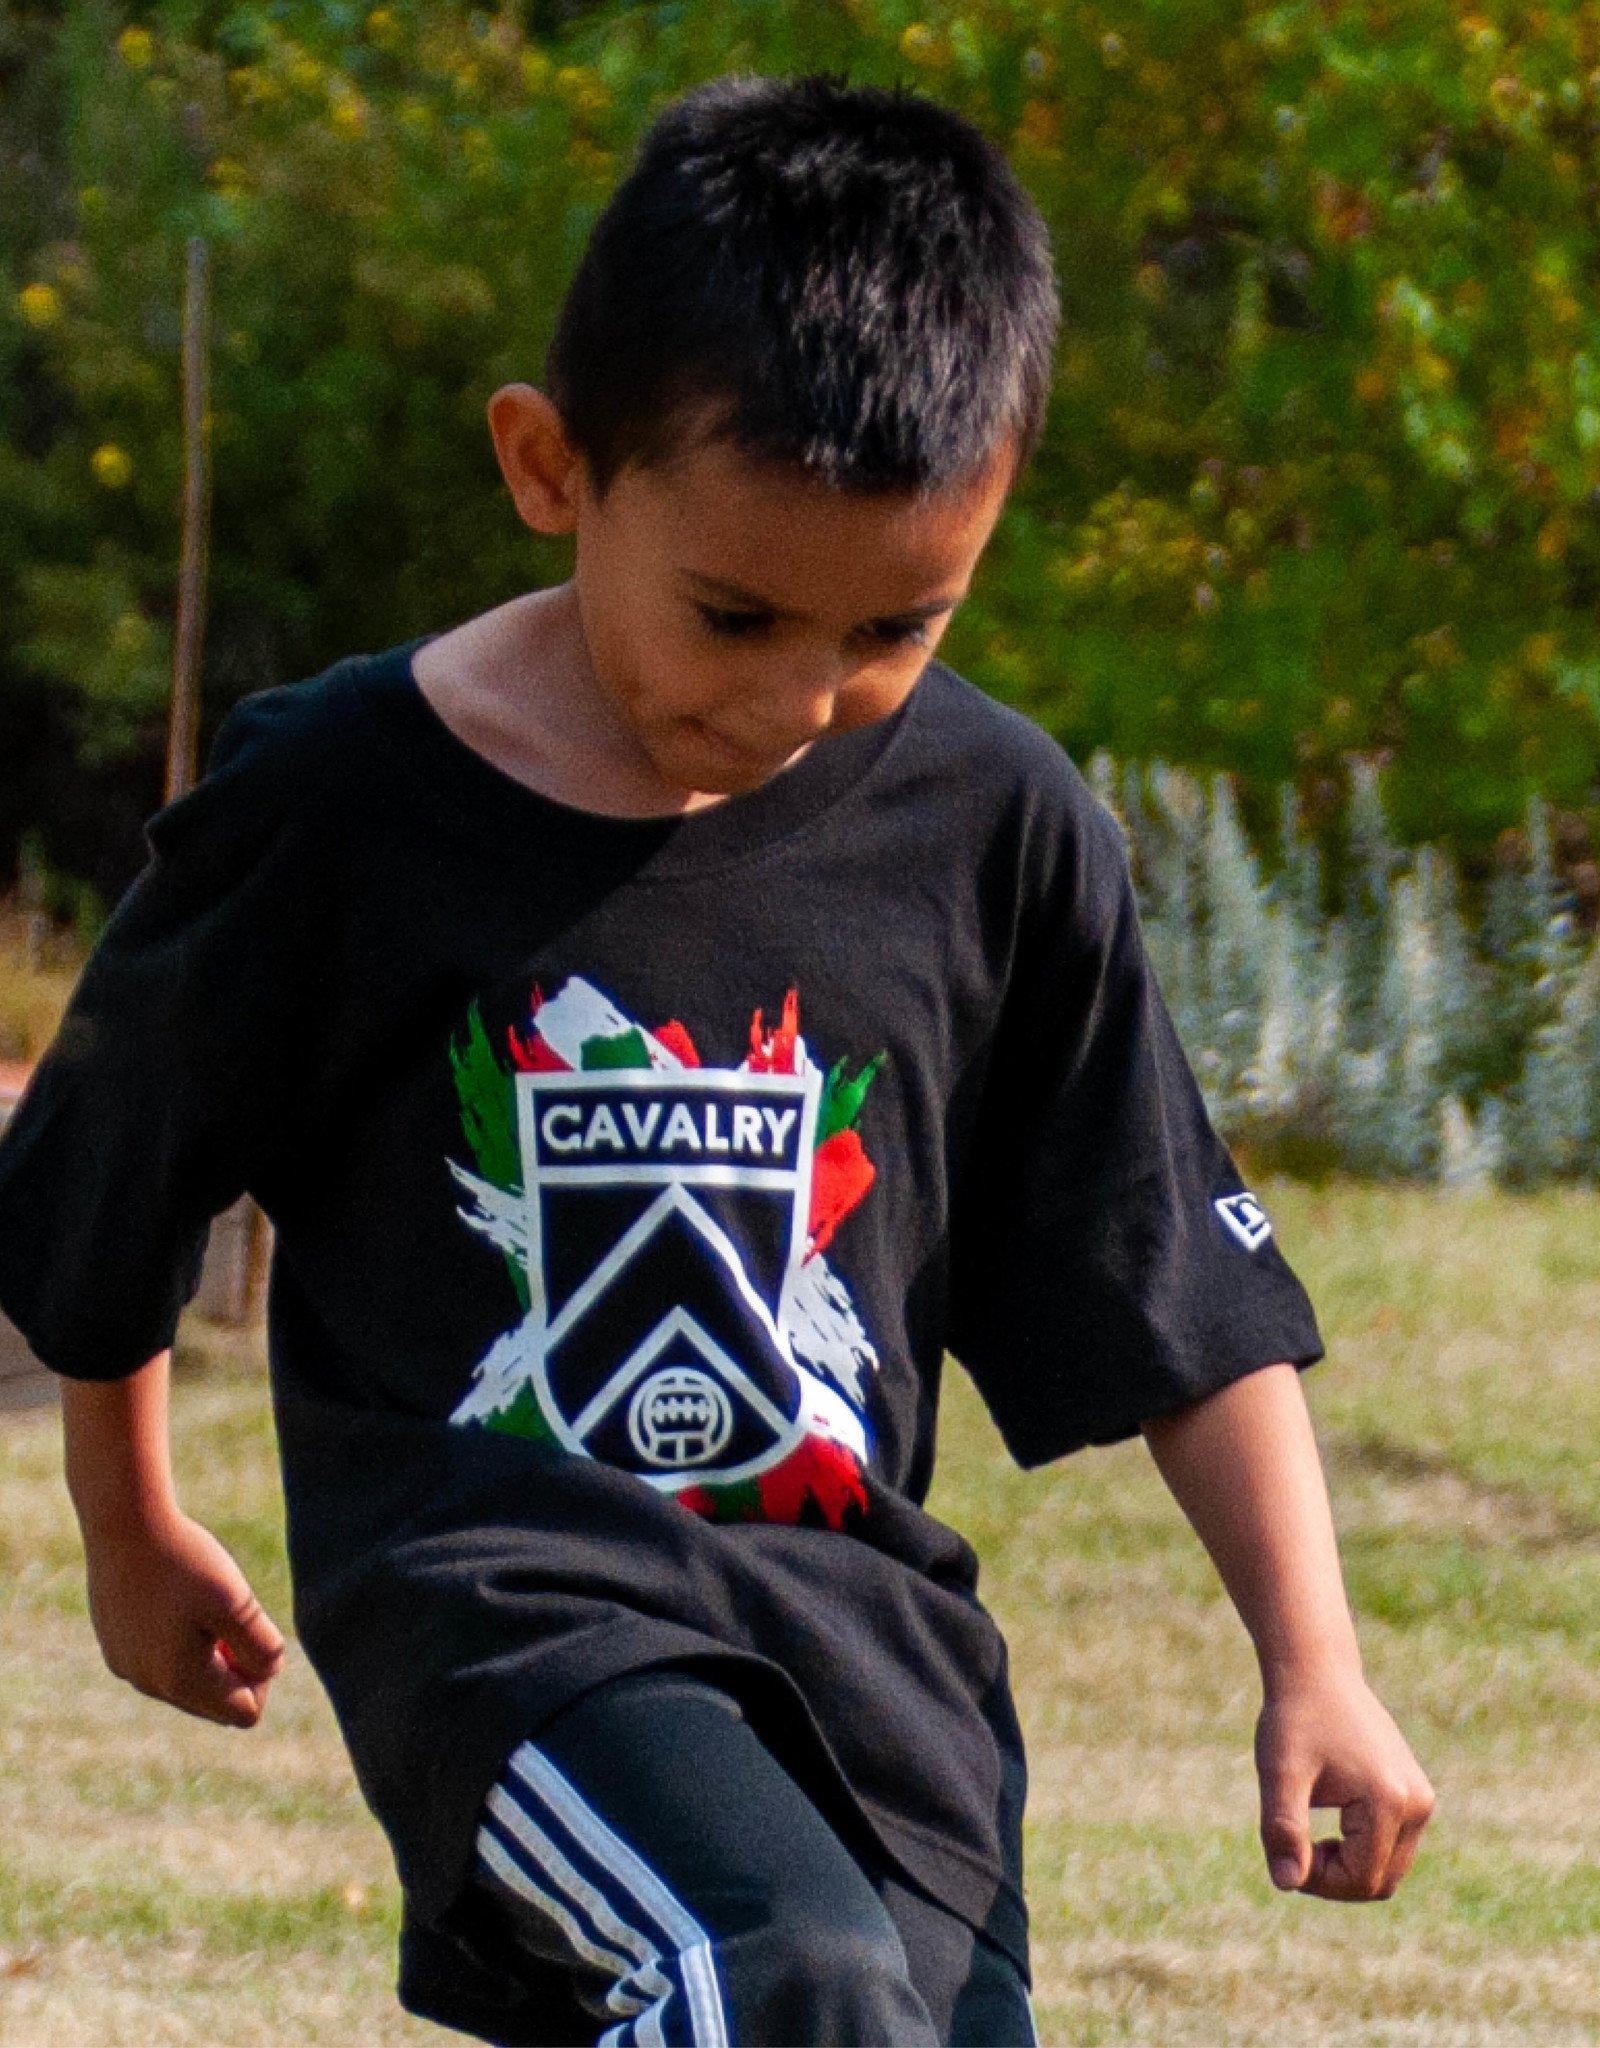 New Era Youth Splash Cavalry FC Tee